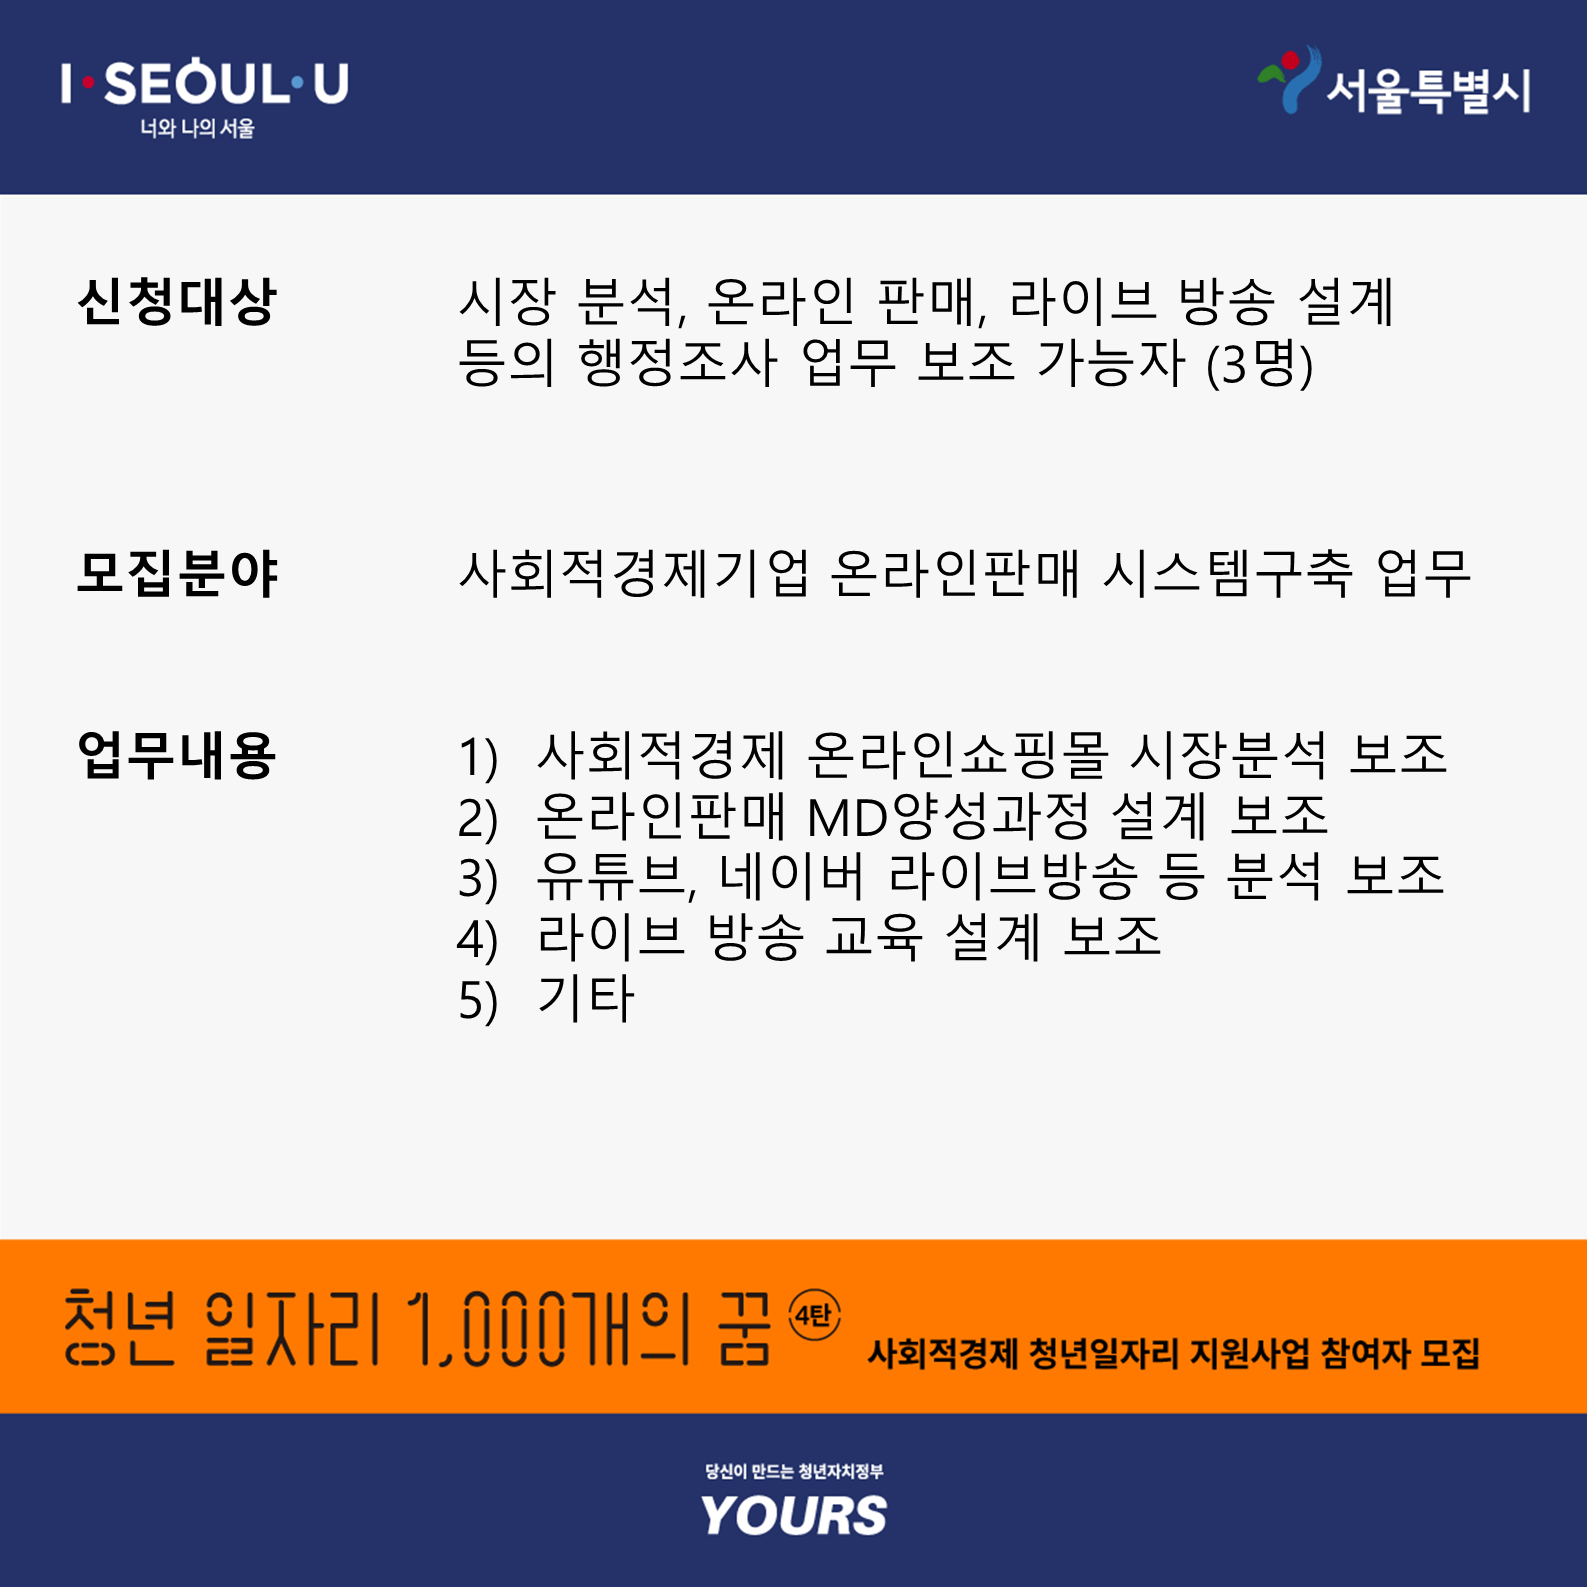 청년일자리_4탄사회적경제_카드뉴스_2.PNG